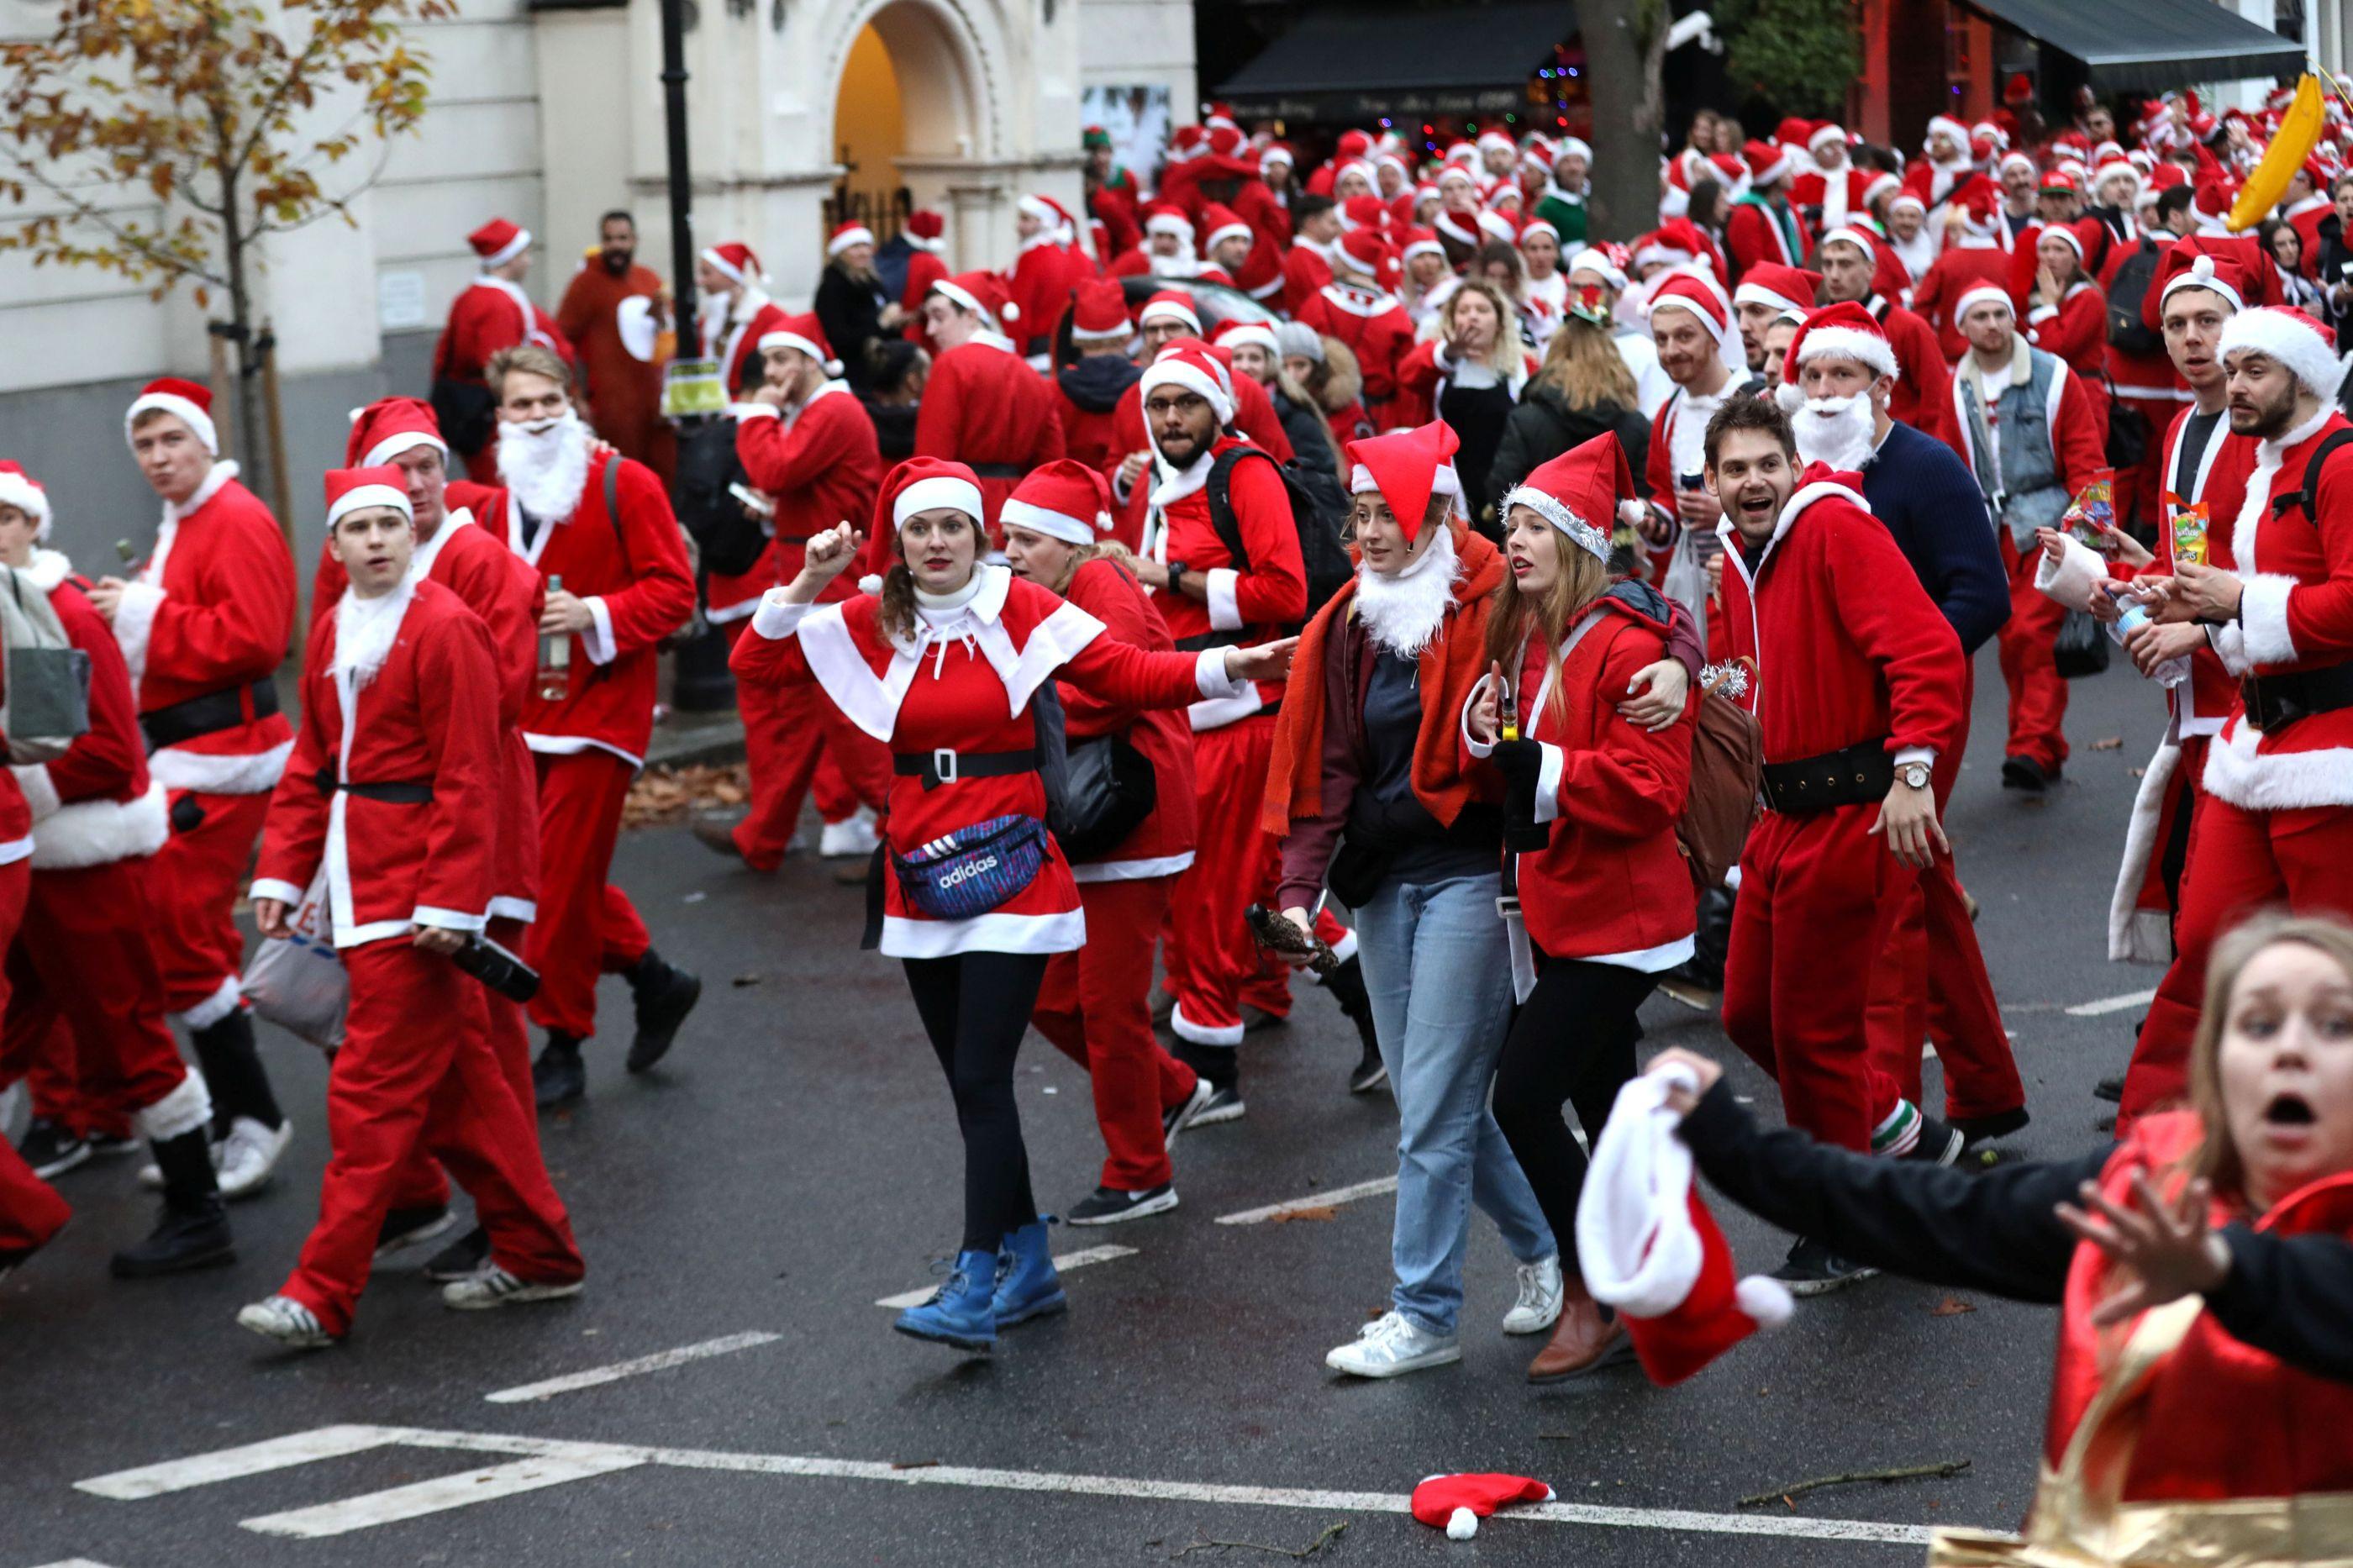 Em dia de SantaCon, nem a Lapónia poderia competir com tanto Pai Natal